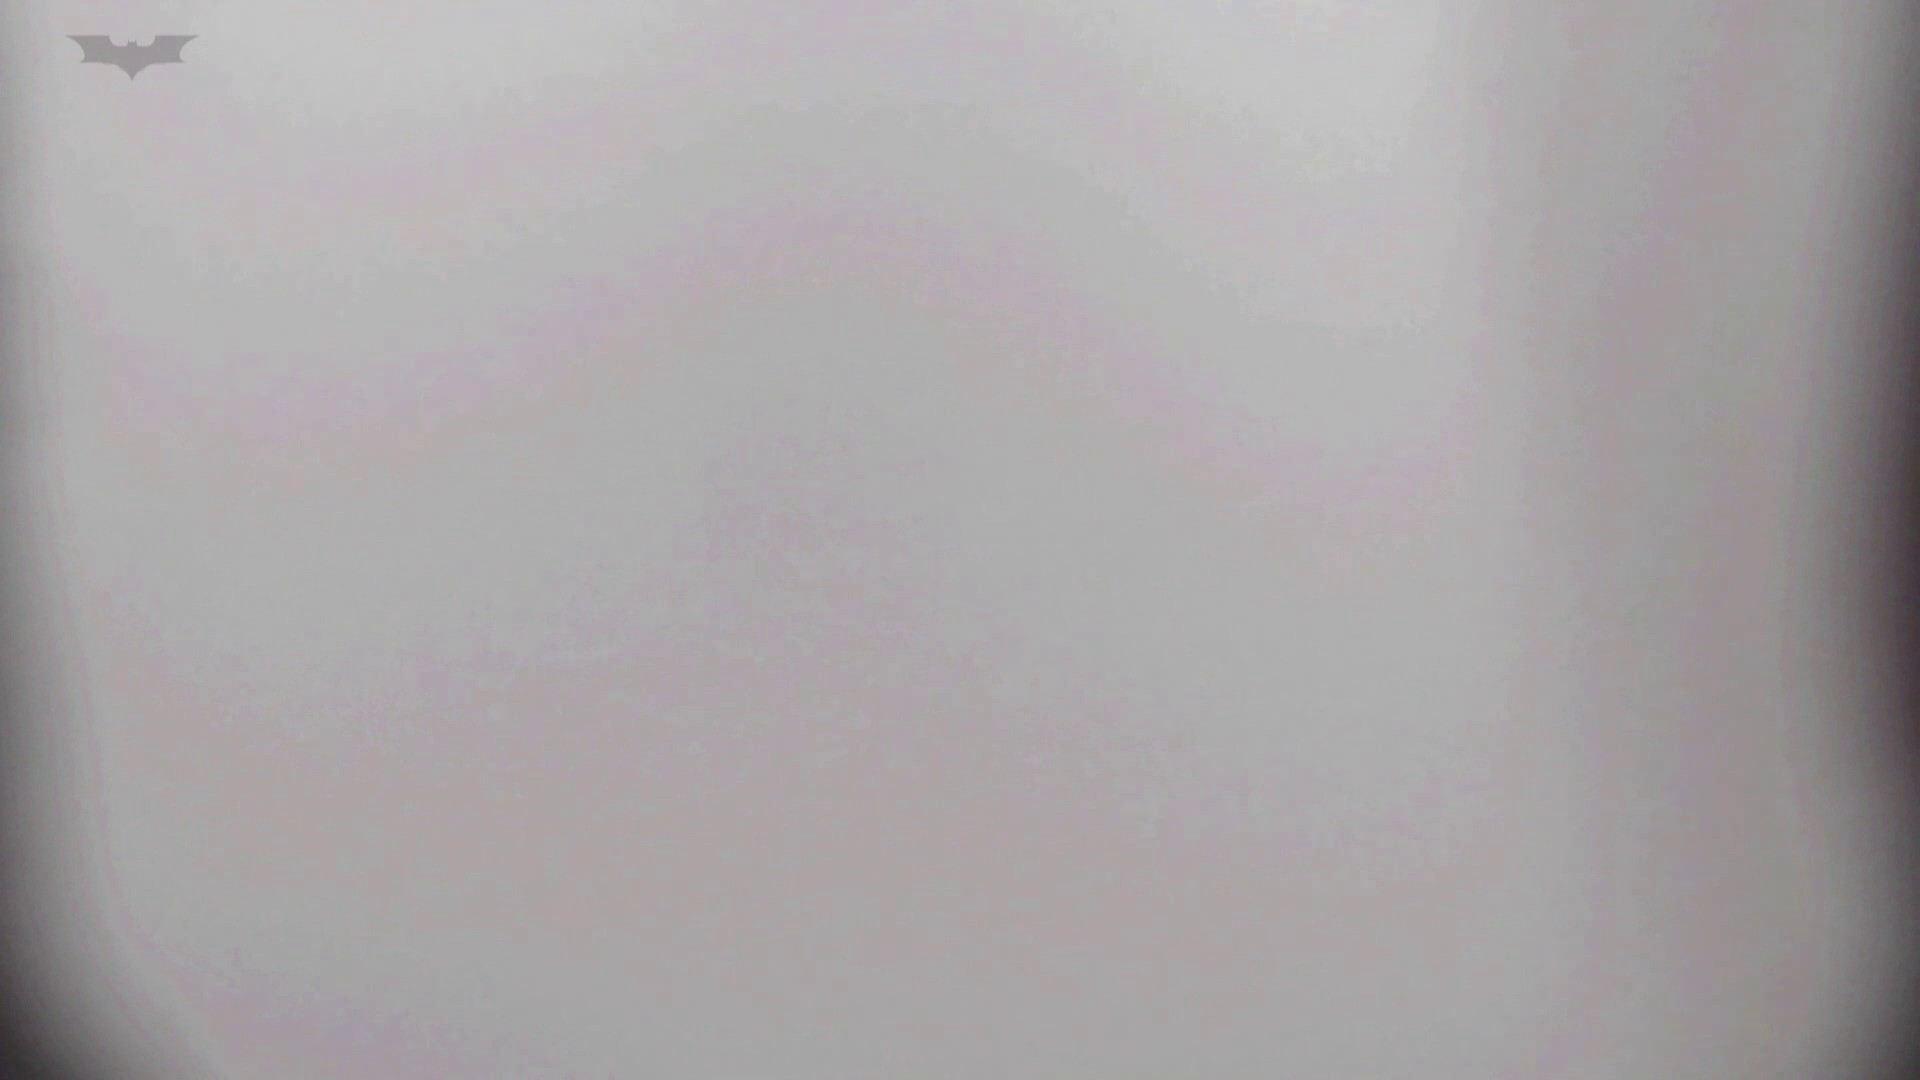 無料アダルト動画:お銀 vol.75 貴重すぎ、二子登場!!:怪盗ジョーカー